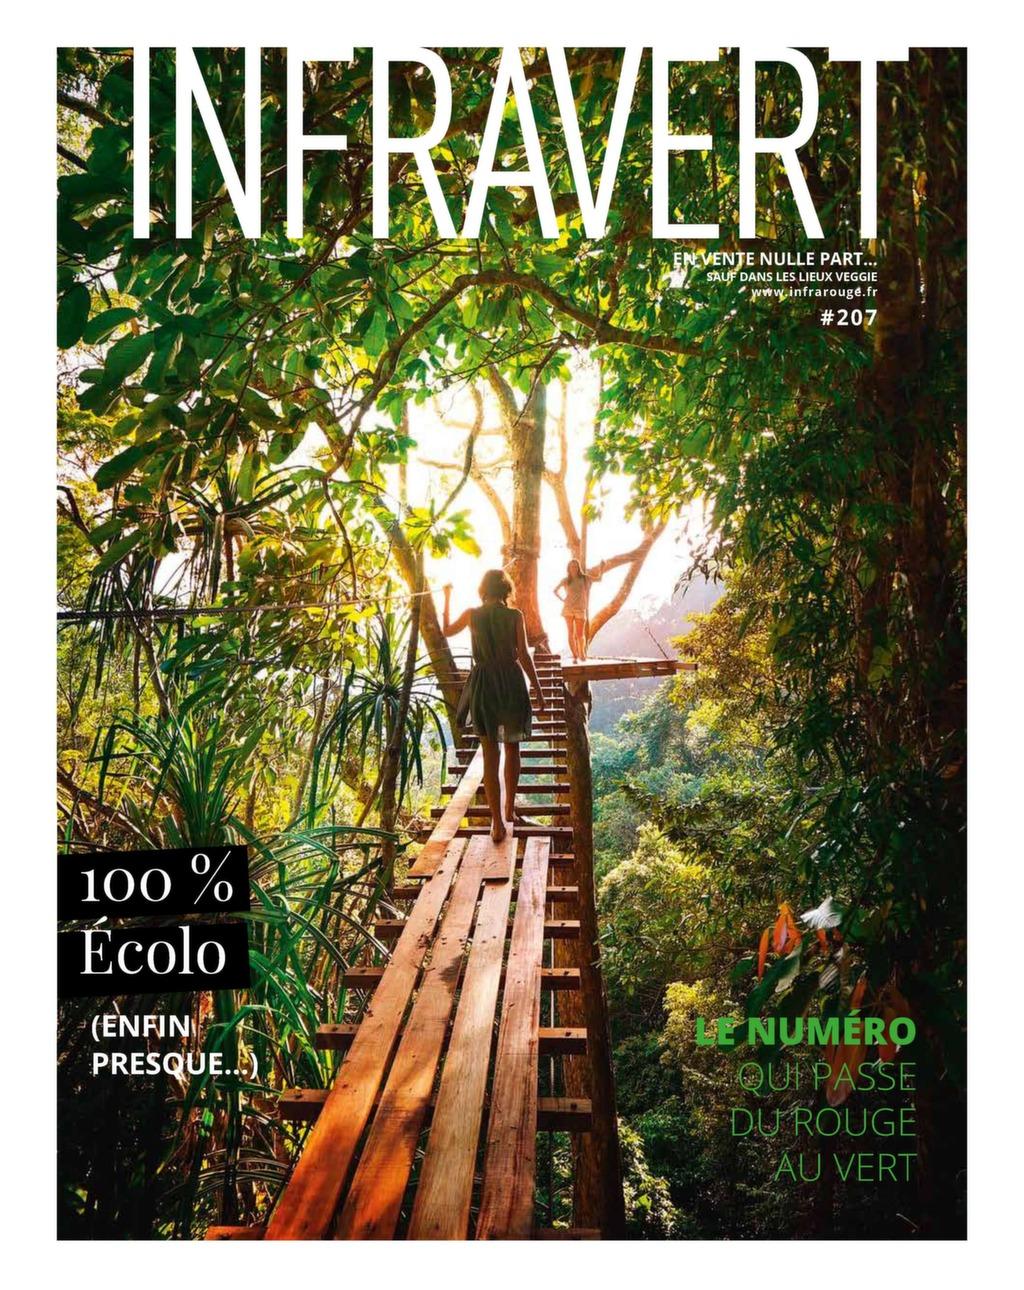 Couverture de magazine du mois de Juin 2019